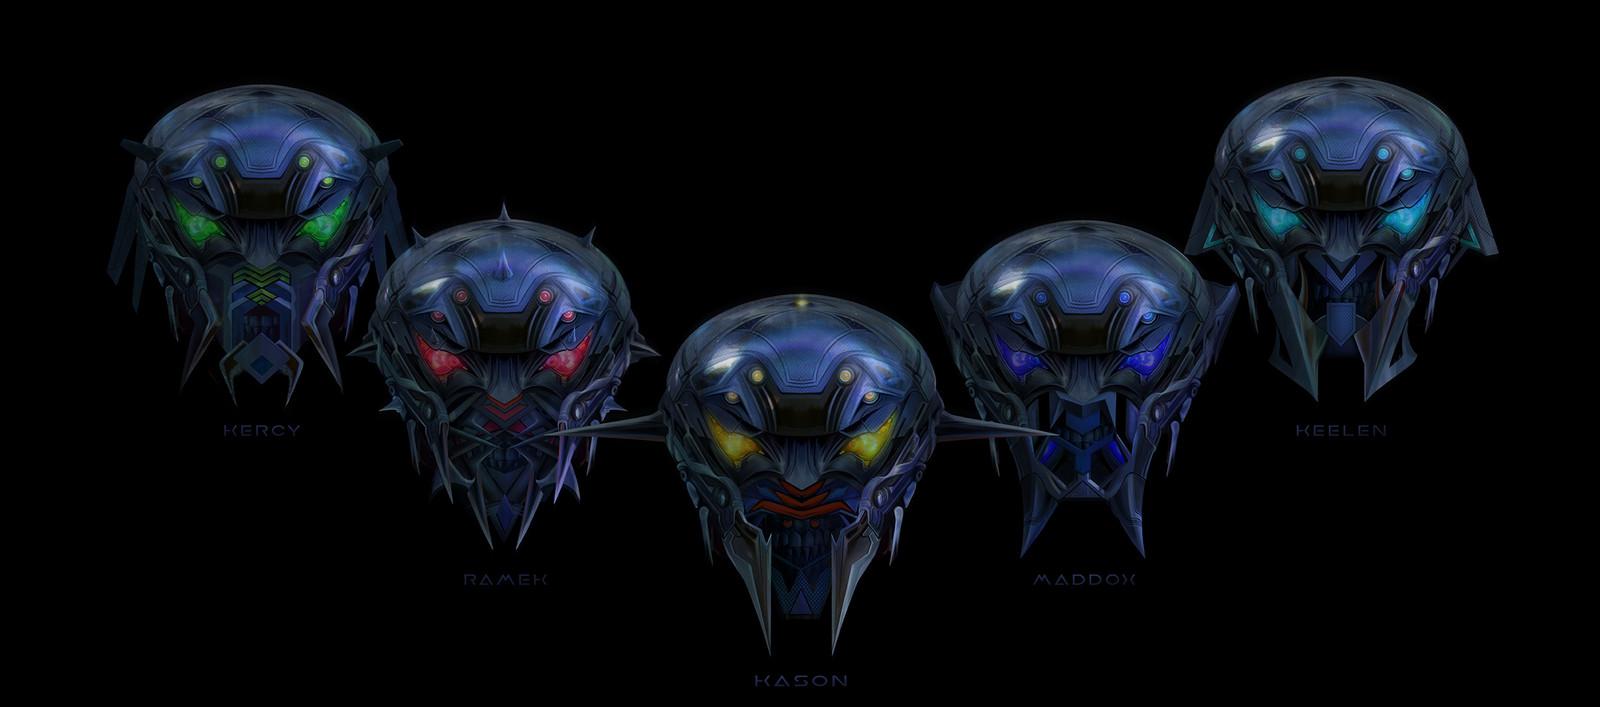 REAVER Helmet design